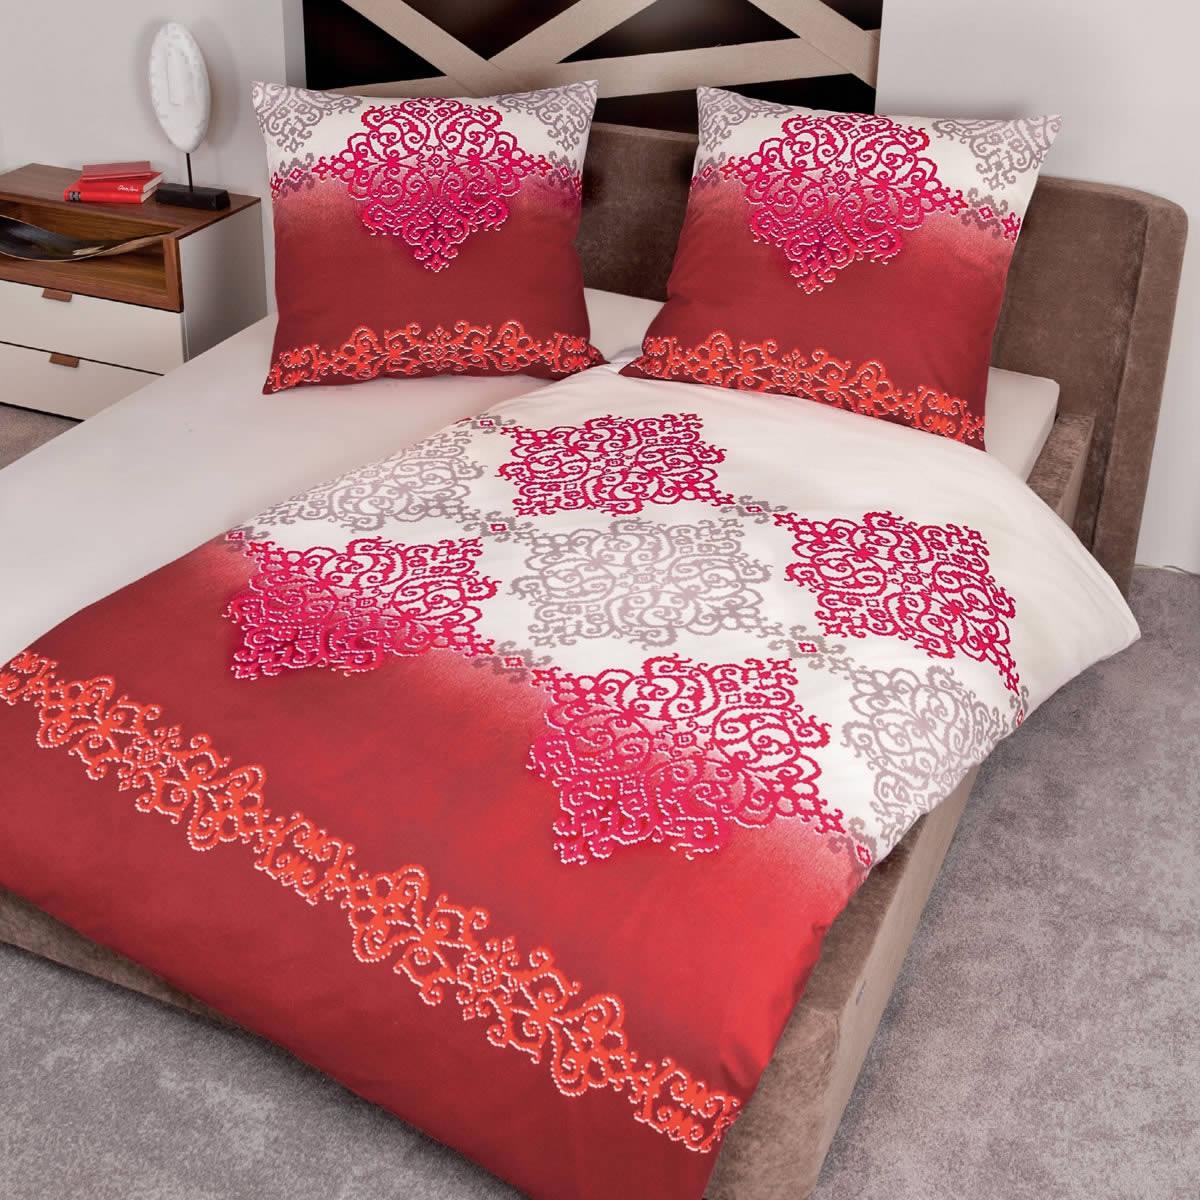 Janine Fein Biber Bettwäsche Davos In 200x200 Cm 6459 01 Rot Ornamente